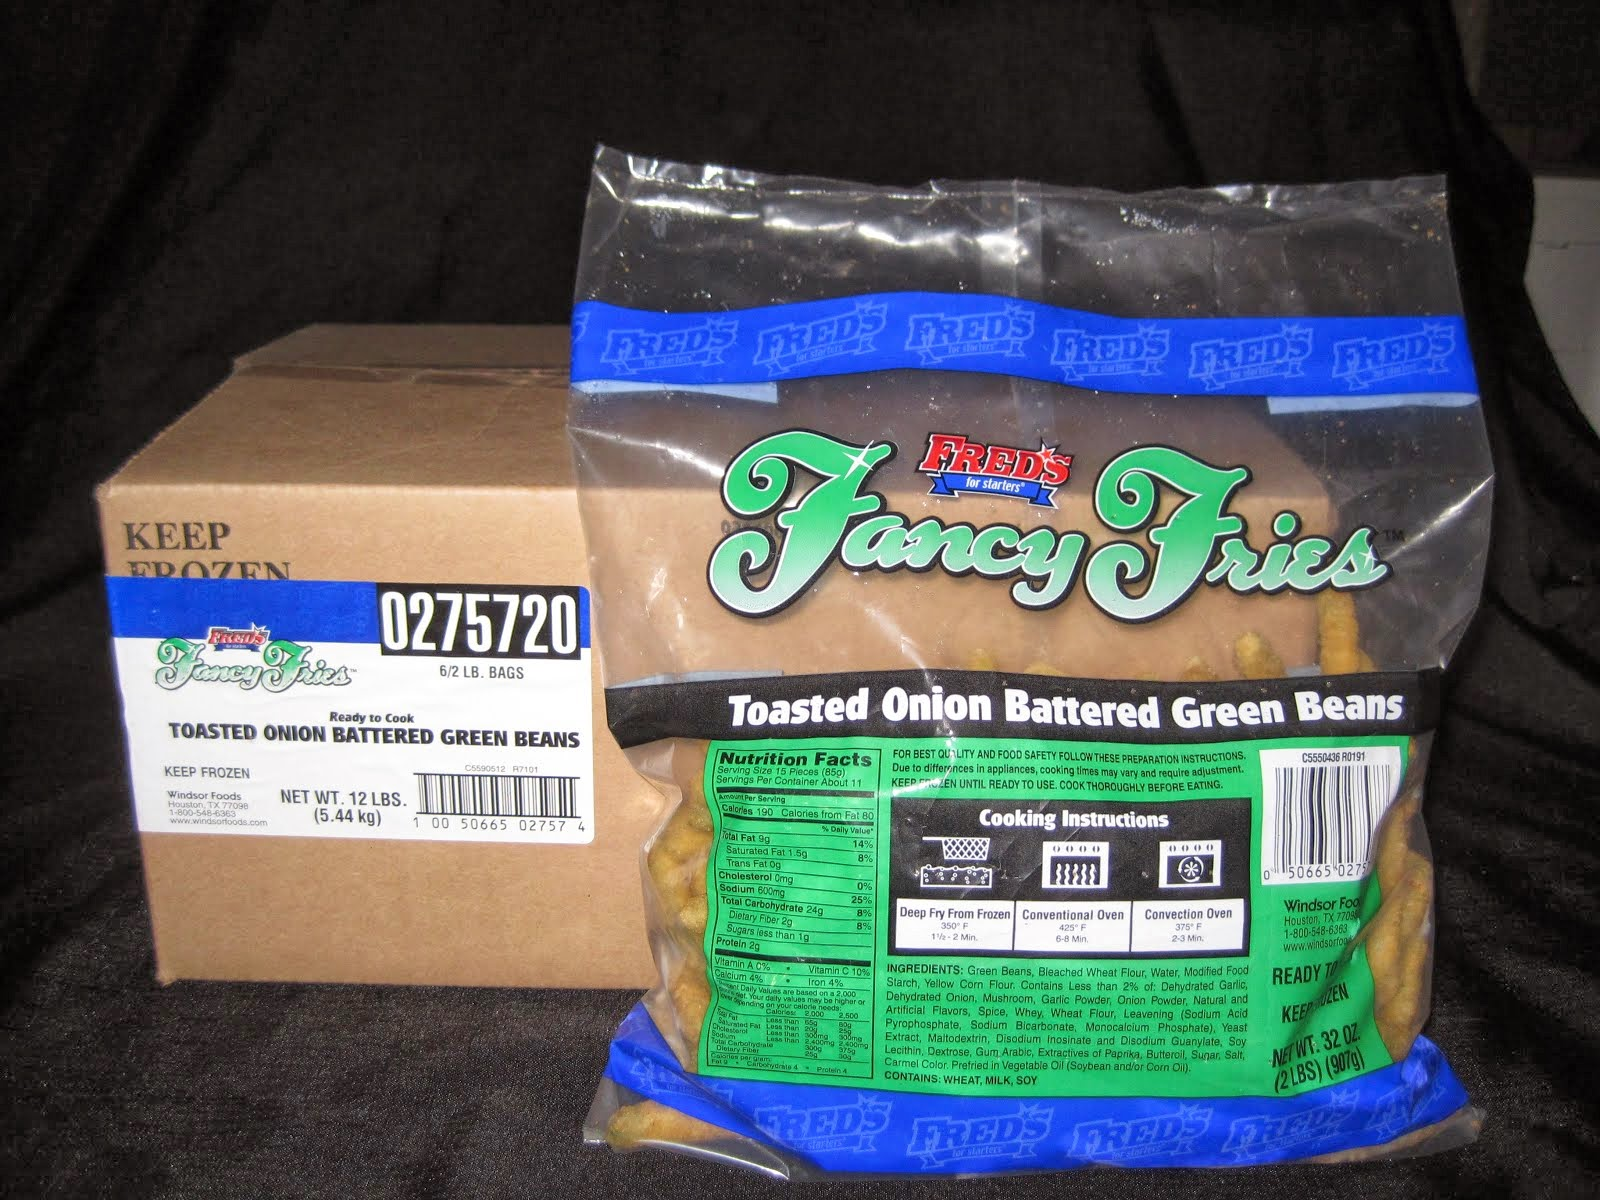 Battered Green Beans 6/2 lb bags - Item # 12277 & 12278 for the split